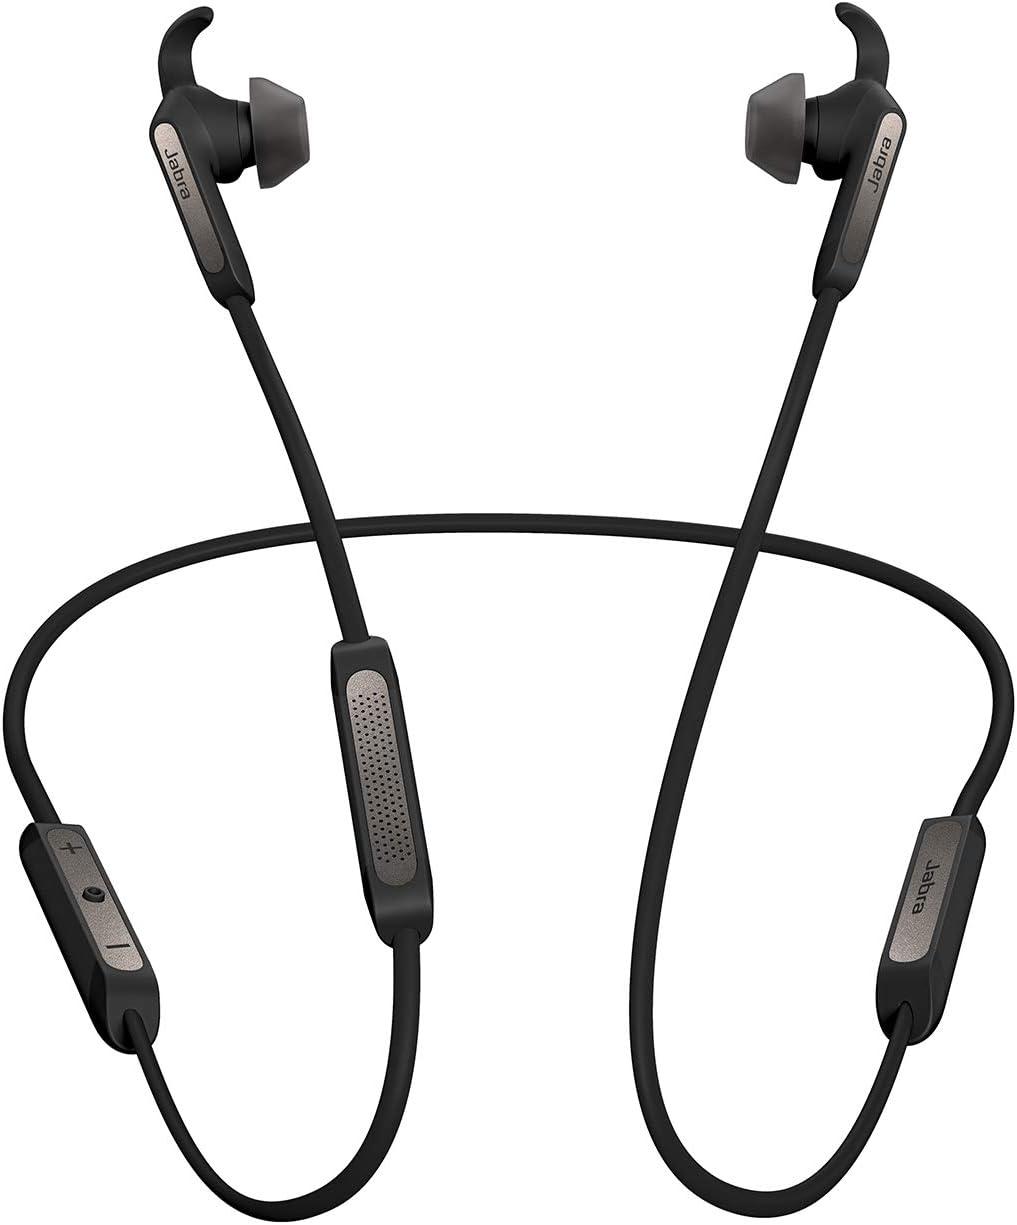 Jabra Elite 45e auriculares estéreo neckband inalámbricos con Bluetooth® 5.0 y Alexa integrada, negro y titanio